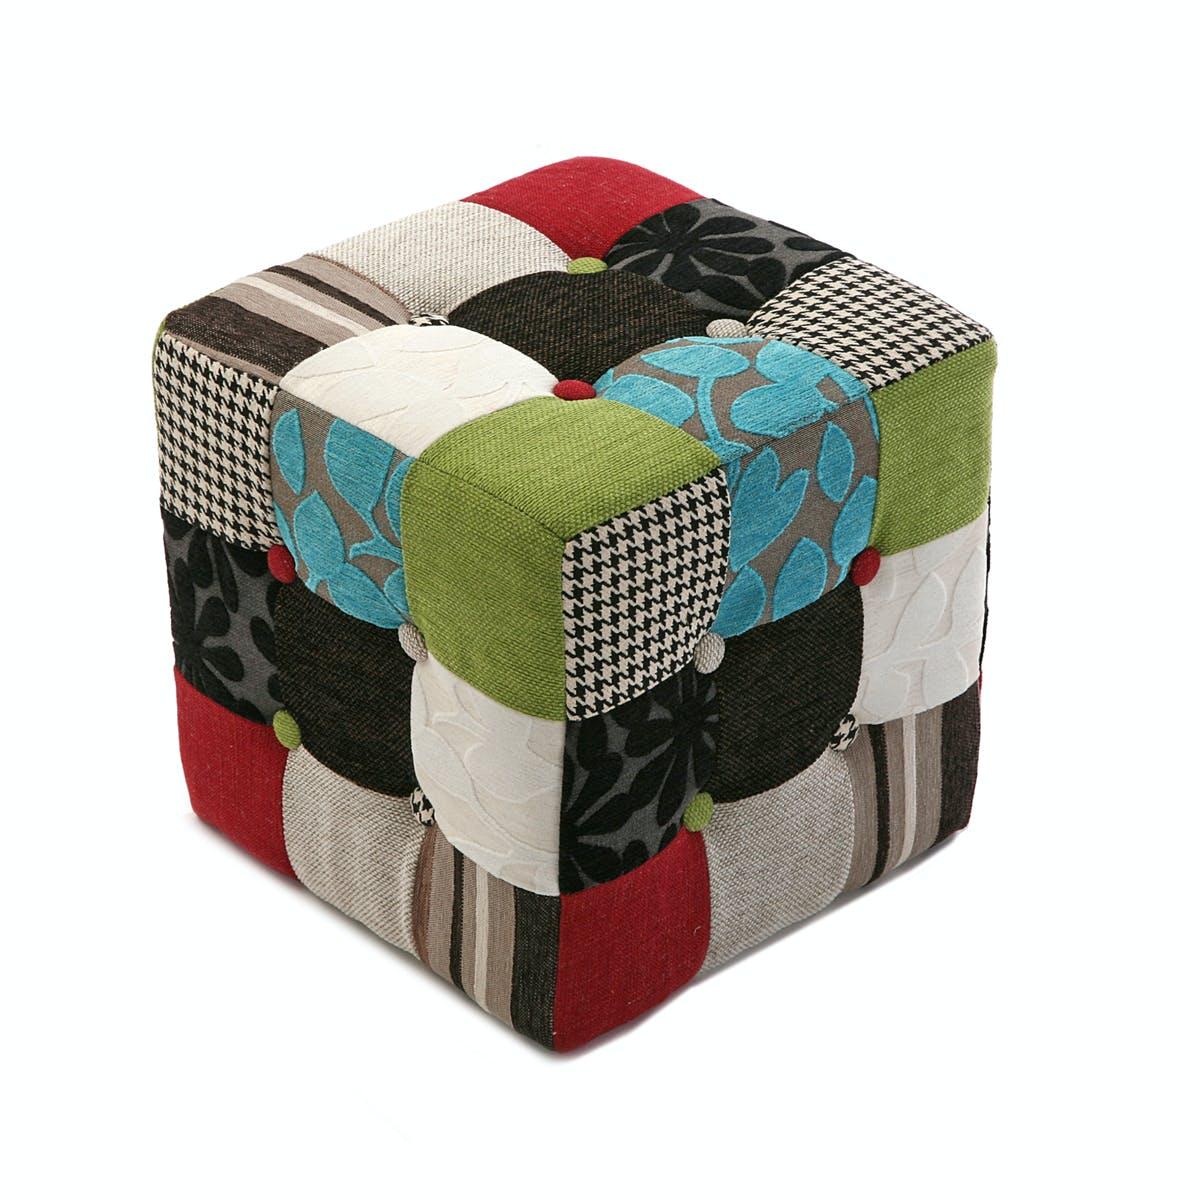 Pouf cube capitonné en tissu Patchwork coloré 35x35x35cm EIDER